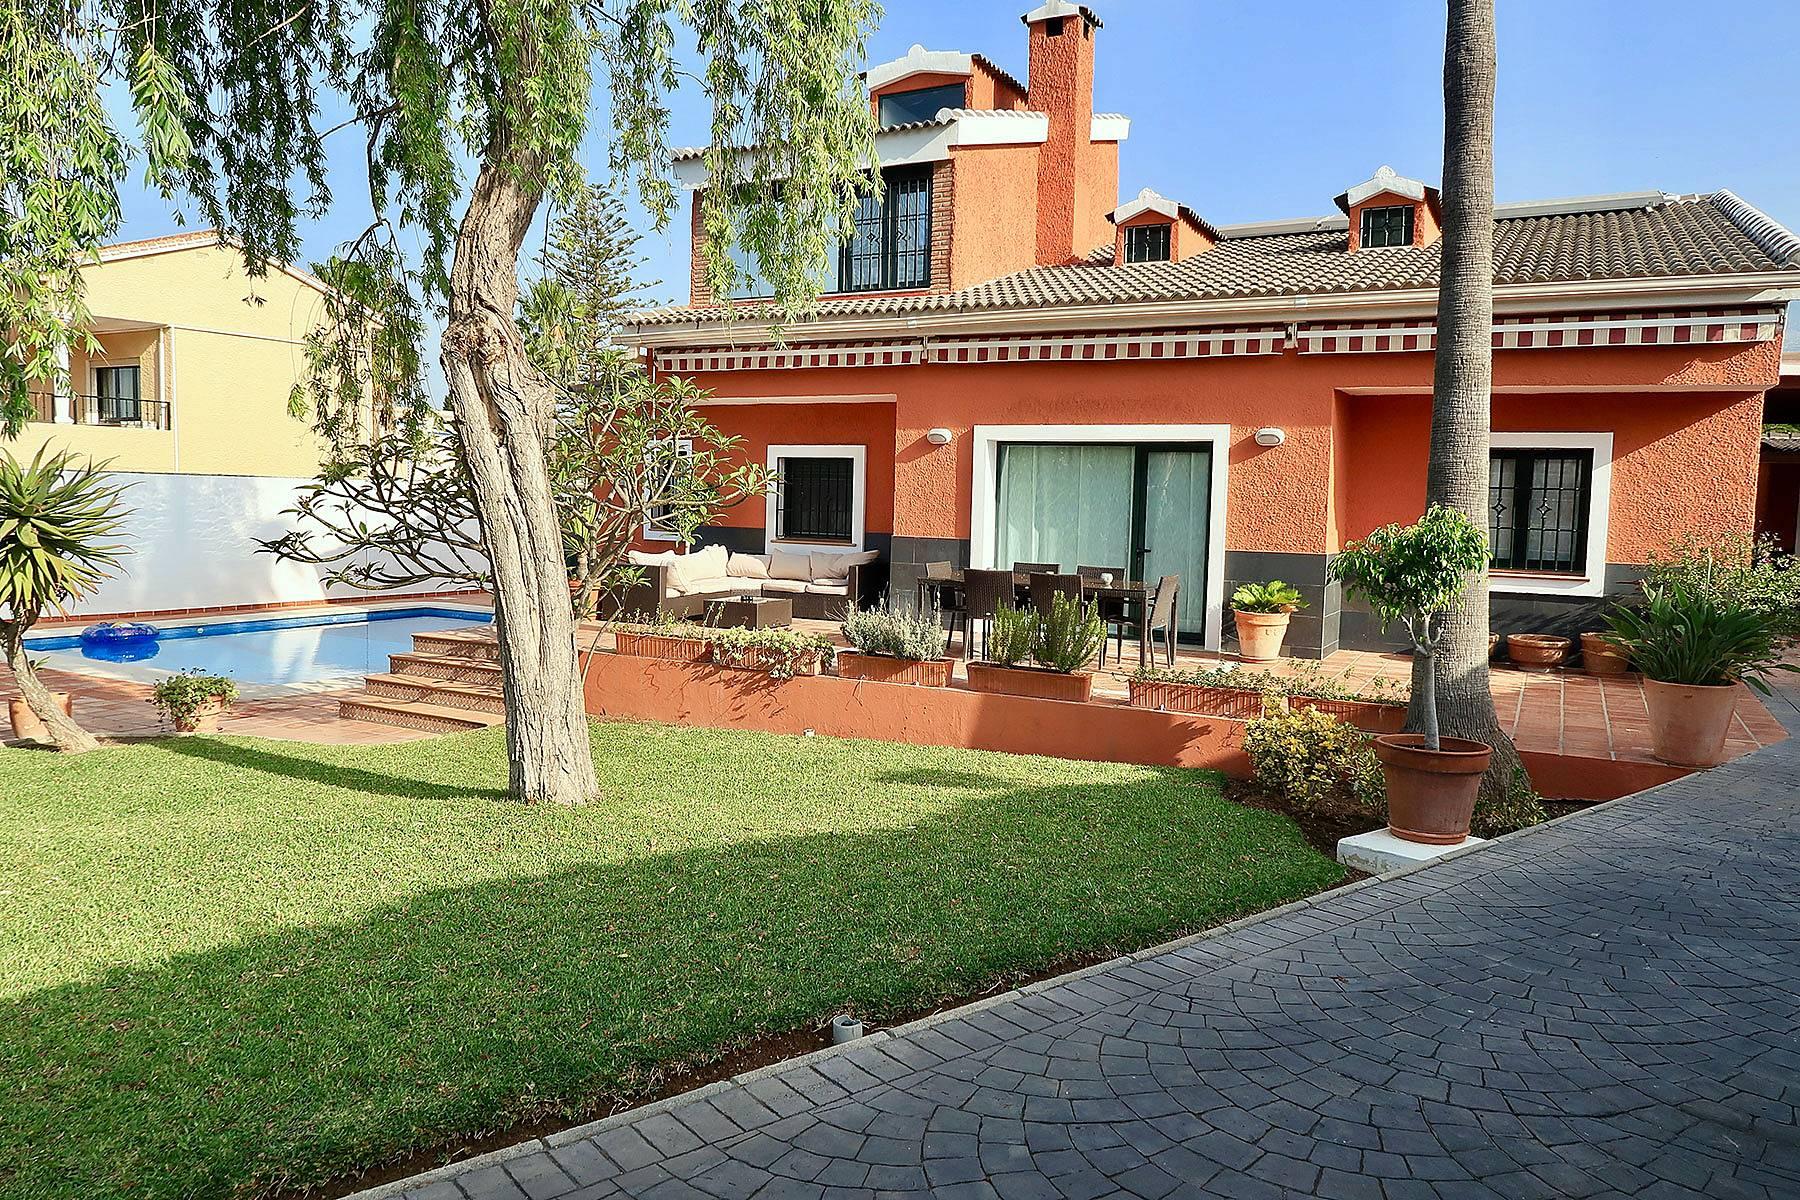 Villa con piscina y barbacoa cerca de la playa las for Casa con piscina tenerife